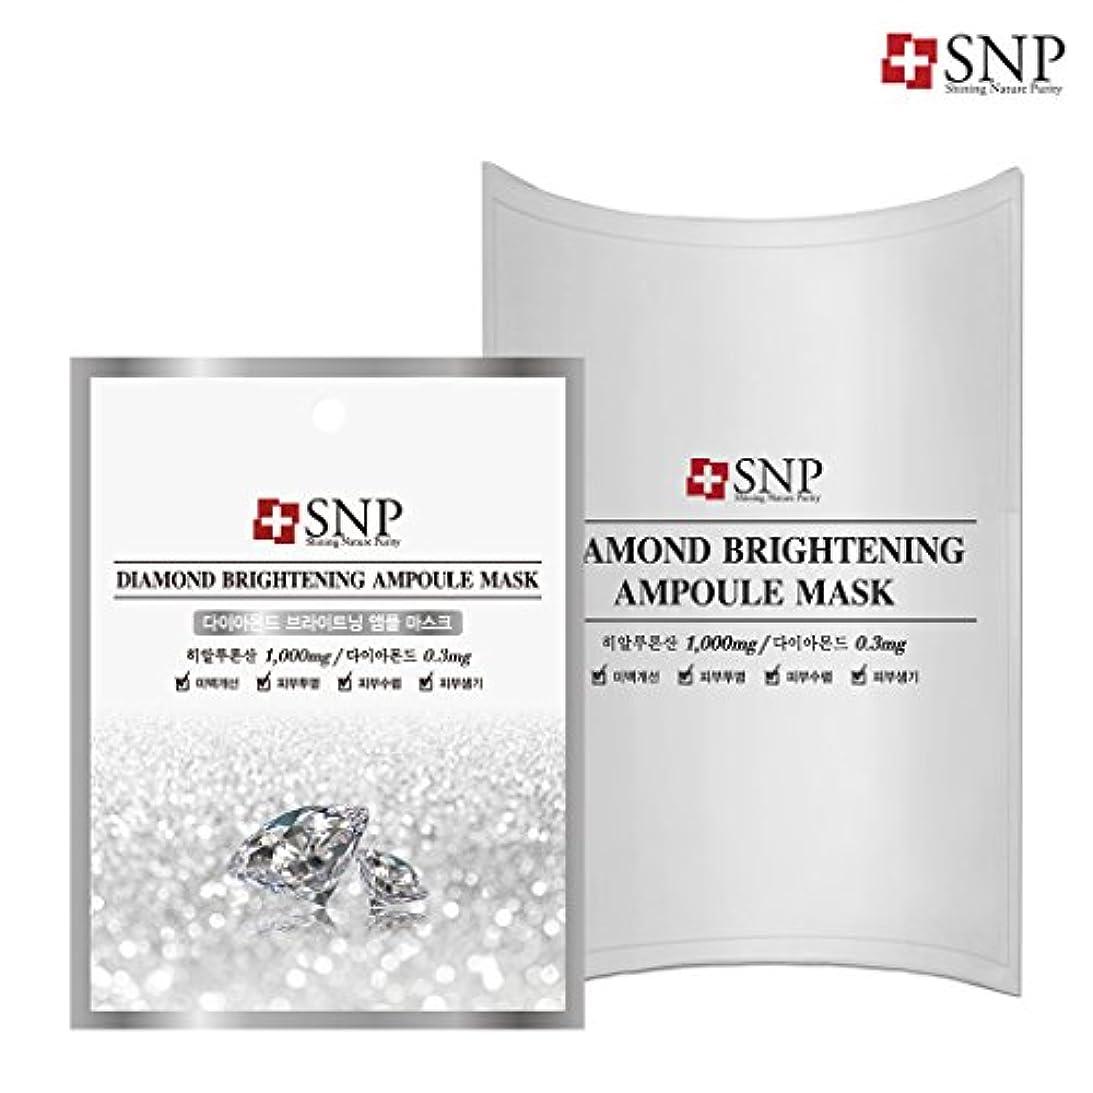 激怒権限ハイブリッドSNP ダイアモンド ブライトニング アンプル マスク (10枚) 10枚/DIAMOND BRIGHTENING AMPOULE MASK 10EA[海外直送品]